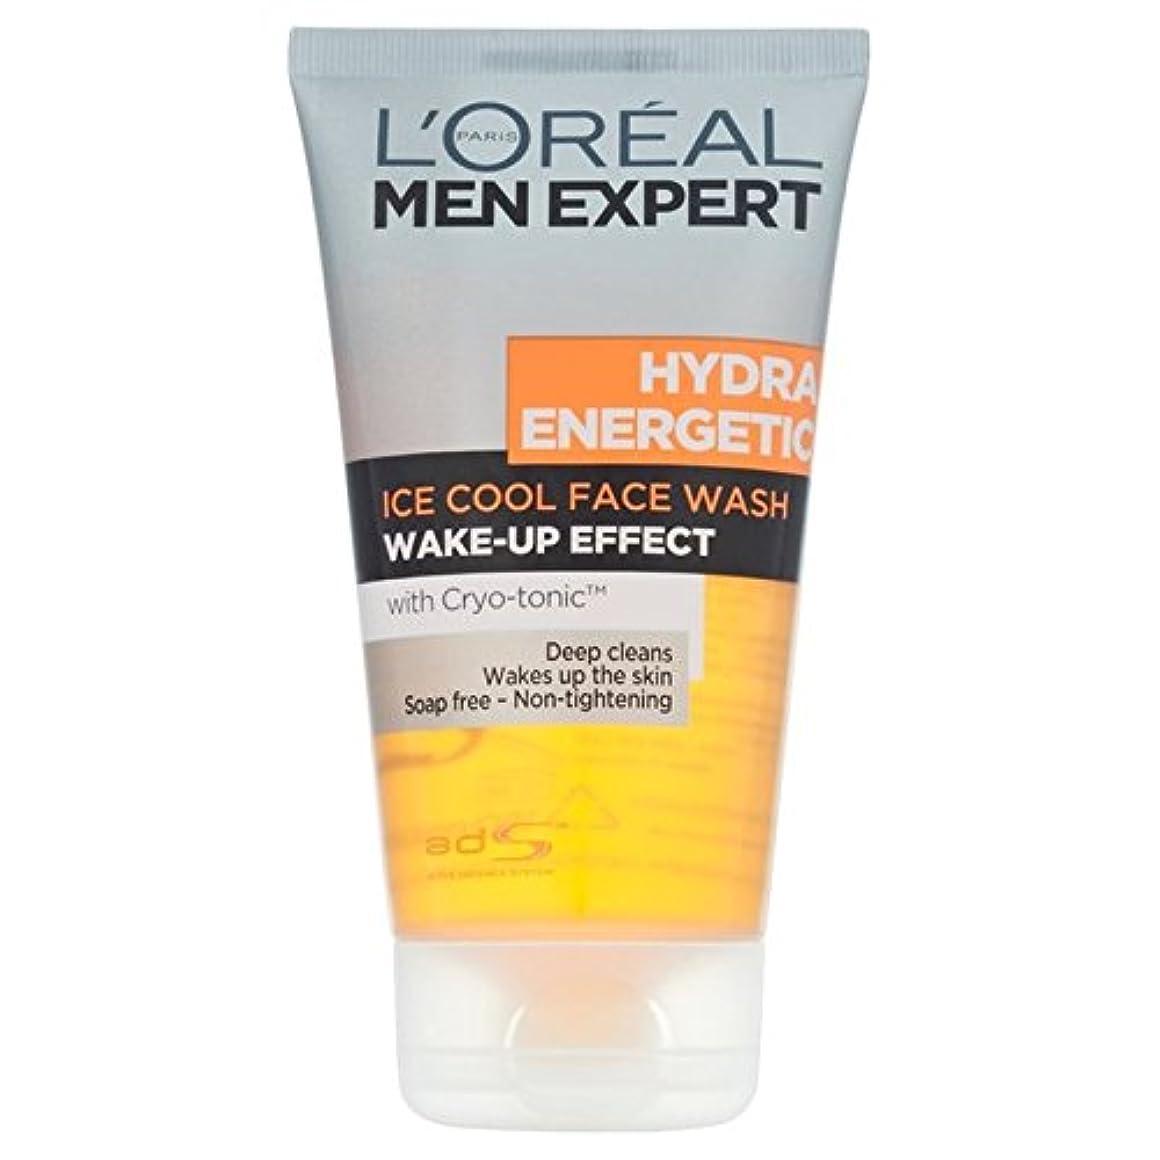 明快ボリューム姓L'Oreal Men Expert Hydra Energetic Foaming Cleansing Gel 150ml - ロレアルの男性の専門家ヒドラエネルギッシュな発泡クレンジングジェル150 [並行輸入品]